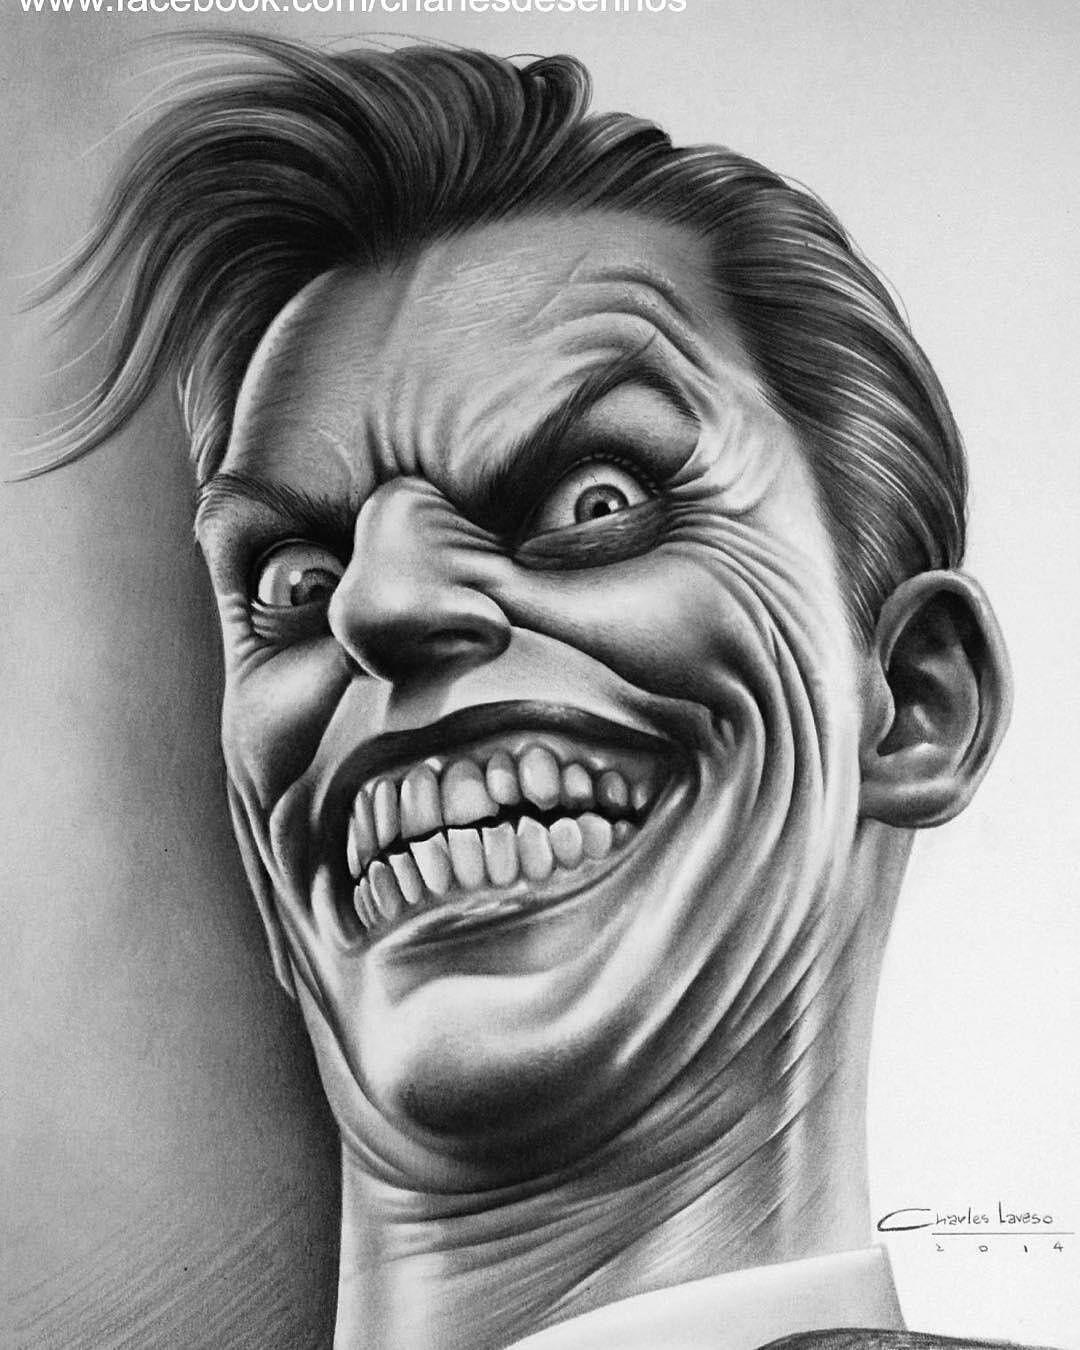 Joker Charles Laveso #artistinspired #